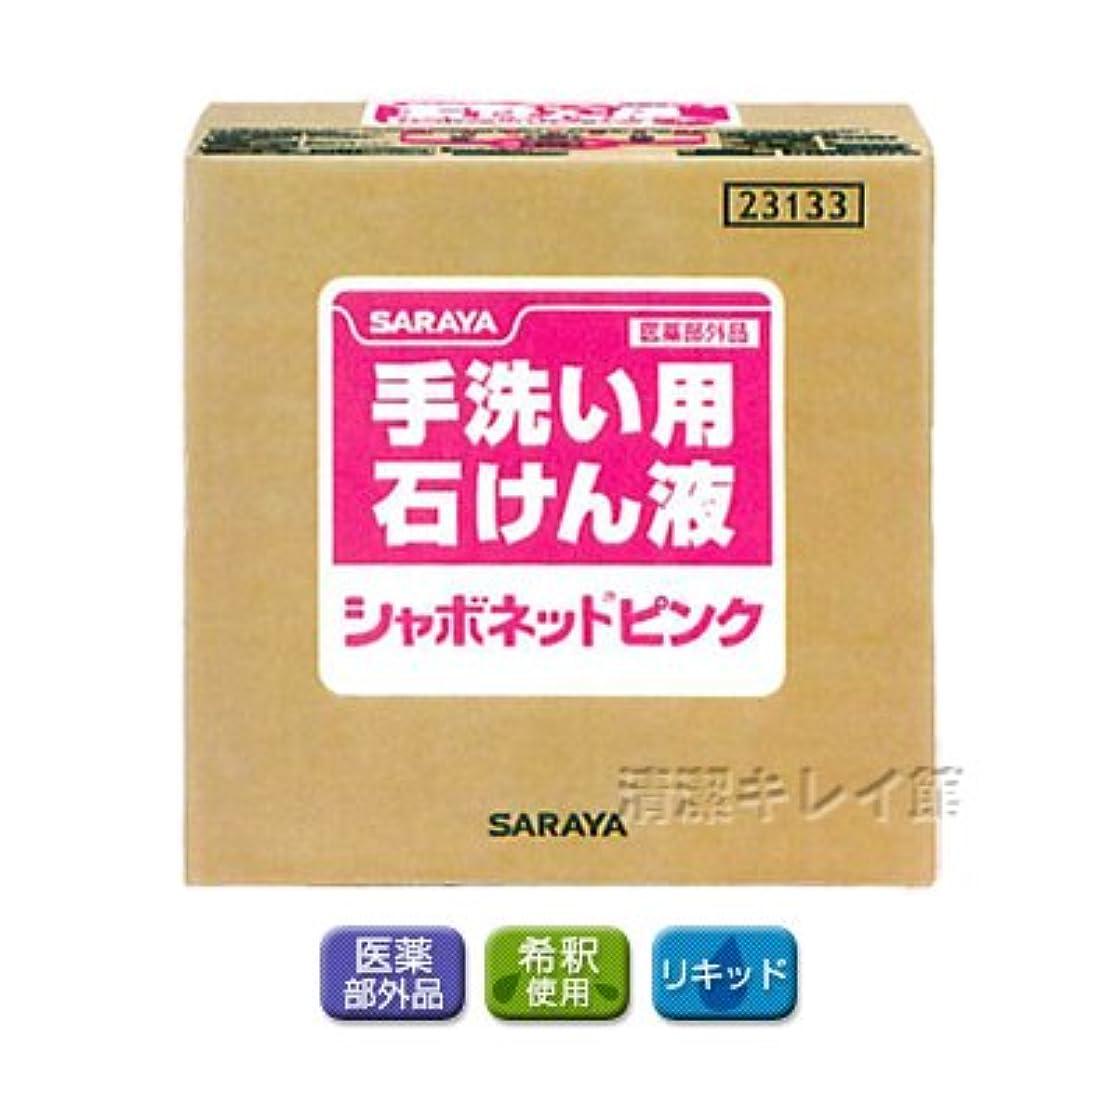 俳句シーズントリップ【清潔キレイ館】サラヤ シャボネットピンク(20kg)